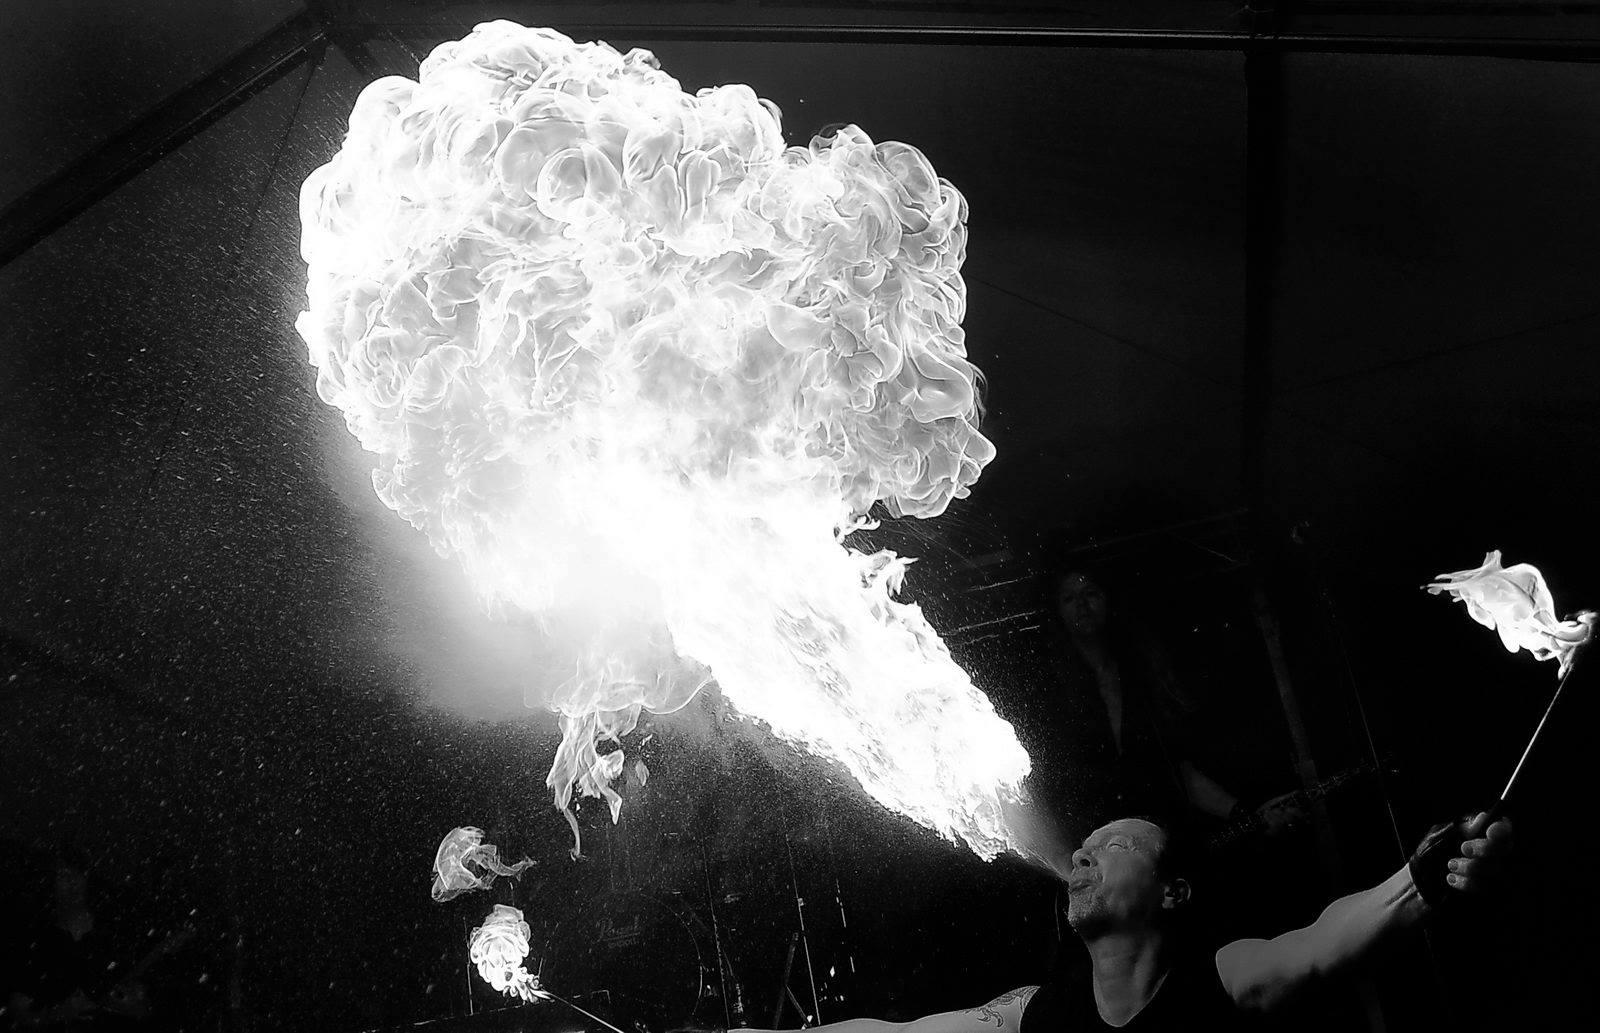 Burning Show